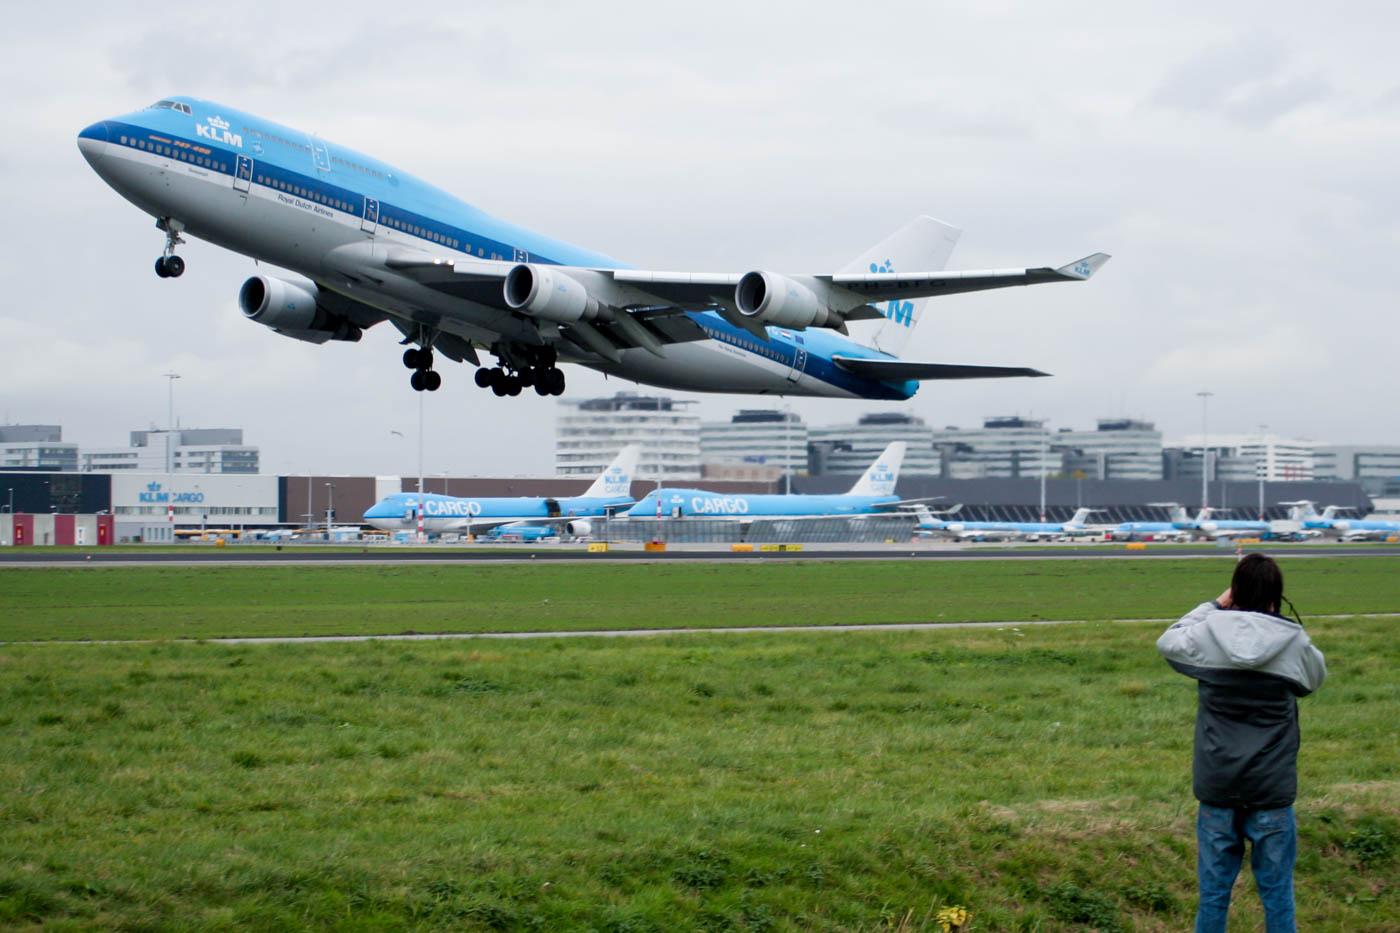 KLM Boeing 747-400 at Kaagbaan